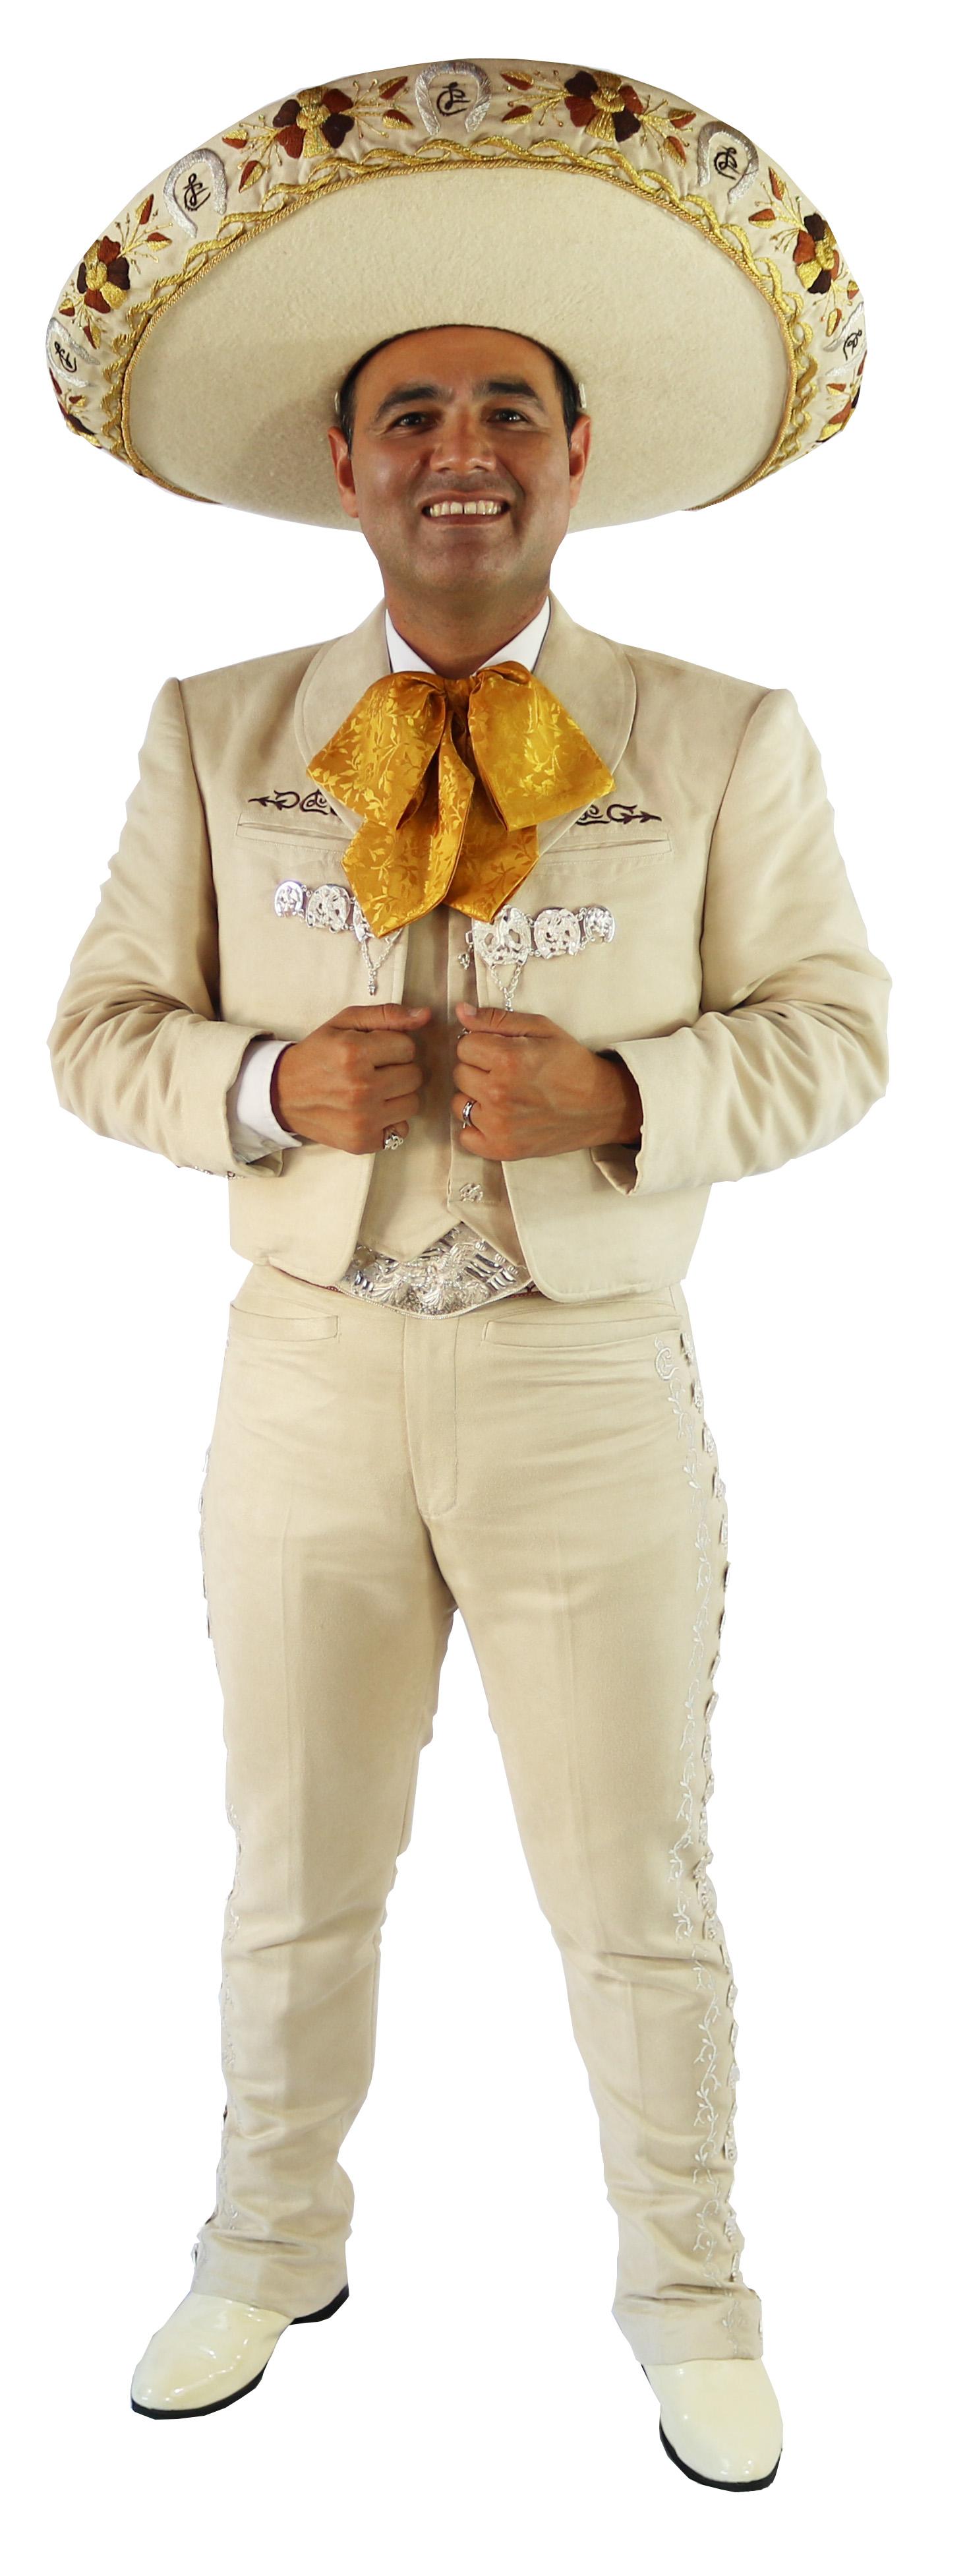 Julio Hernandez